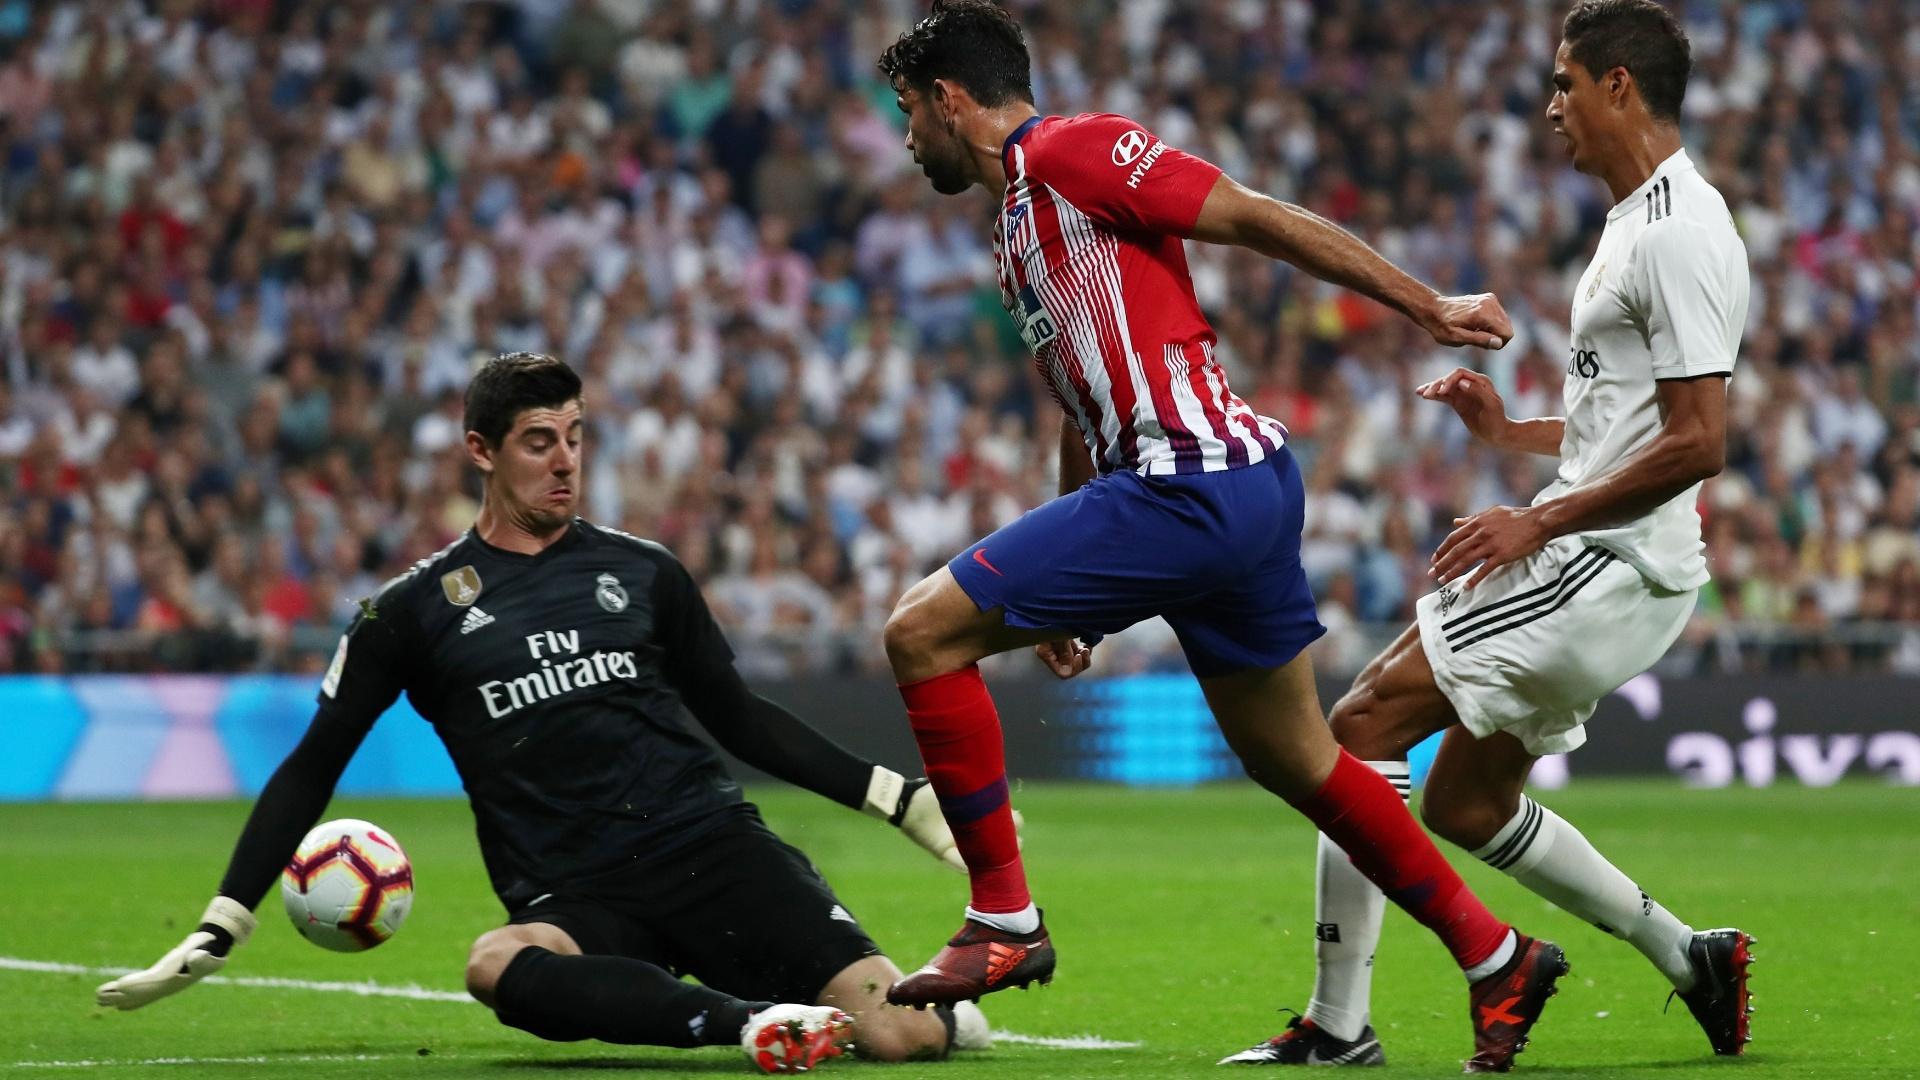 Courtois evita gol de Diego Costa no clássico entre Real Madrid e Atlético de Madri